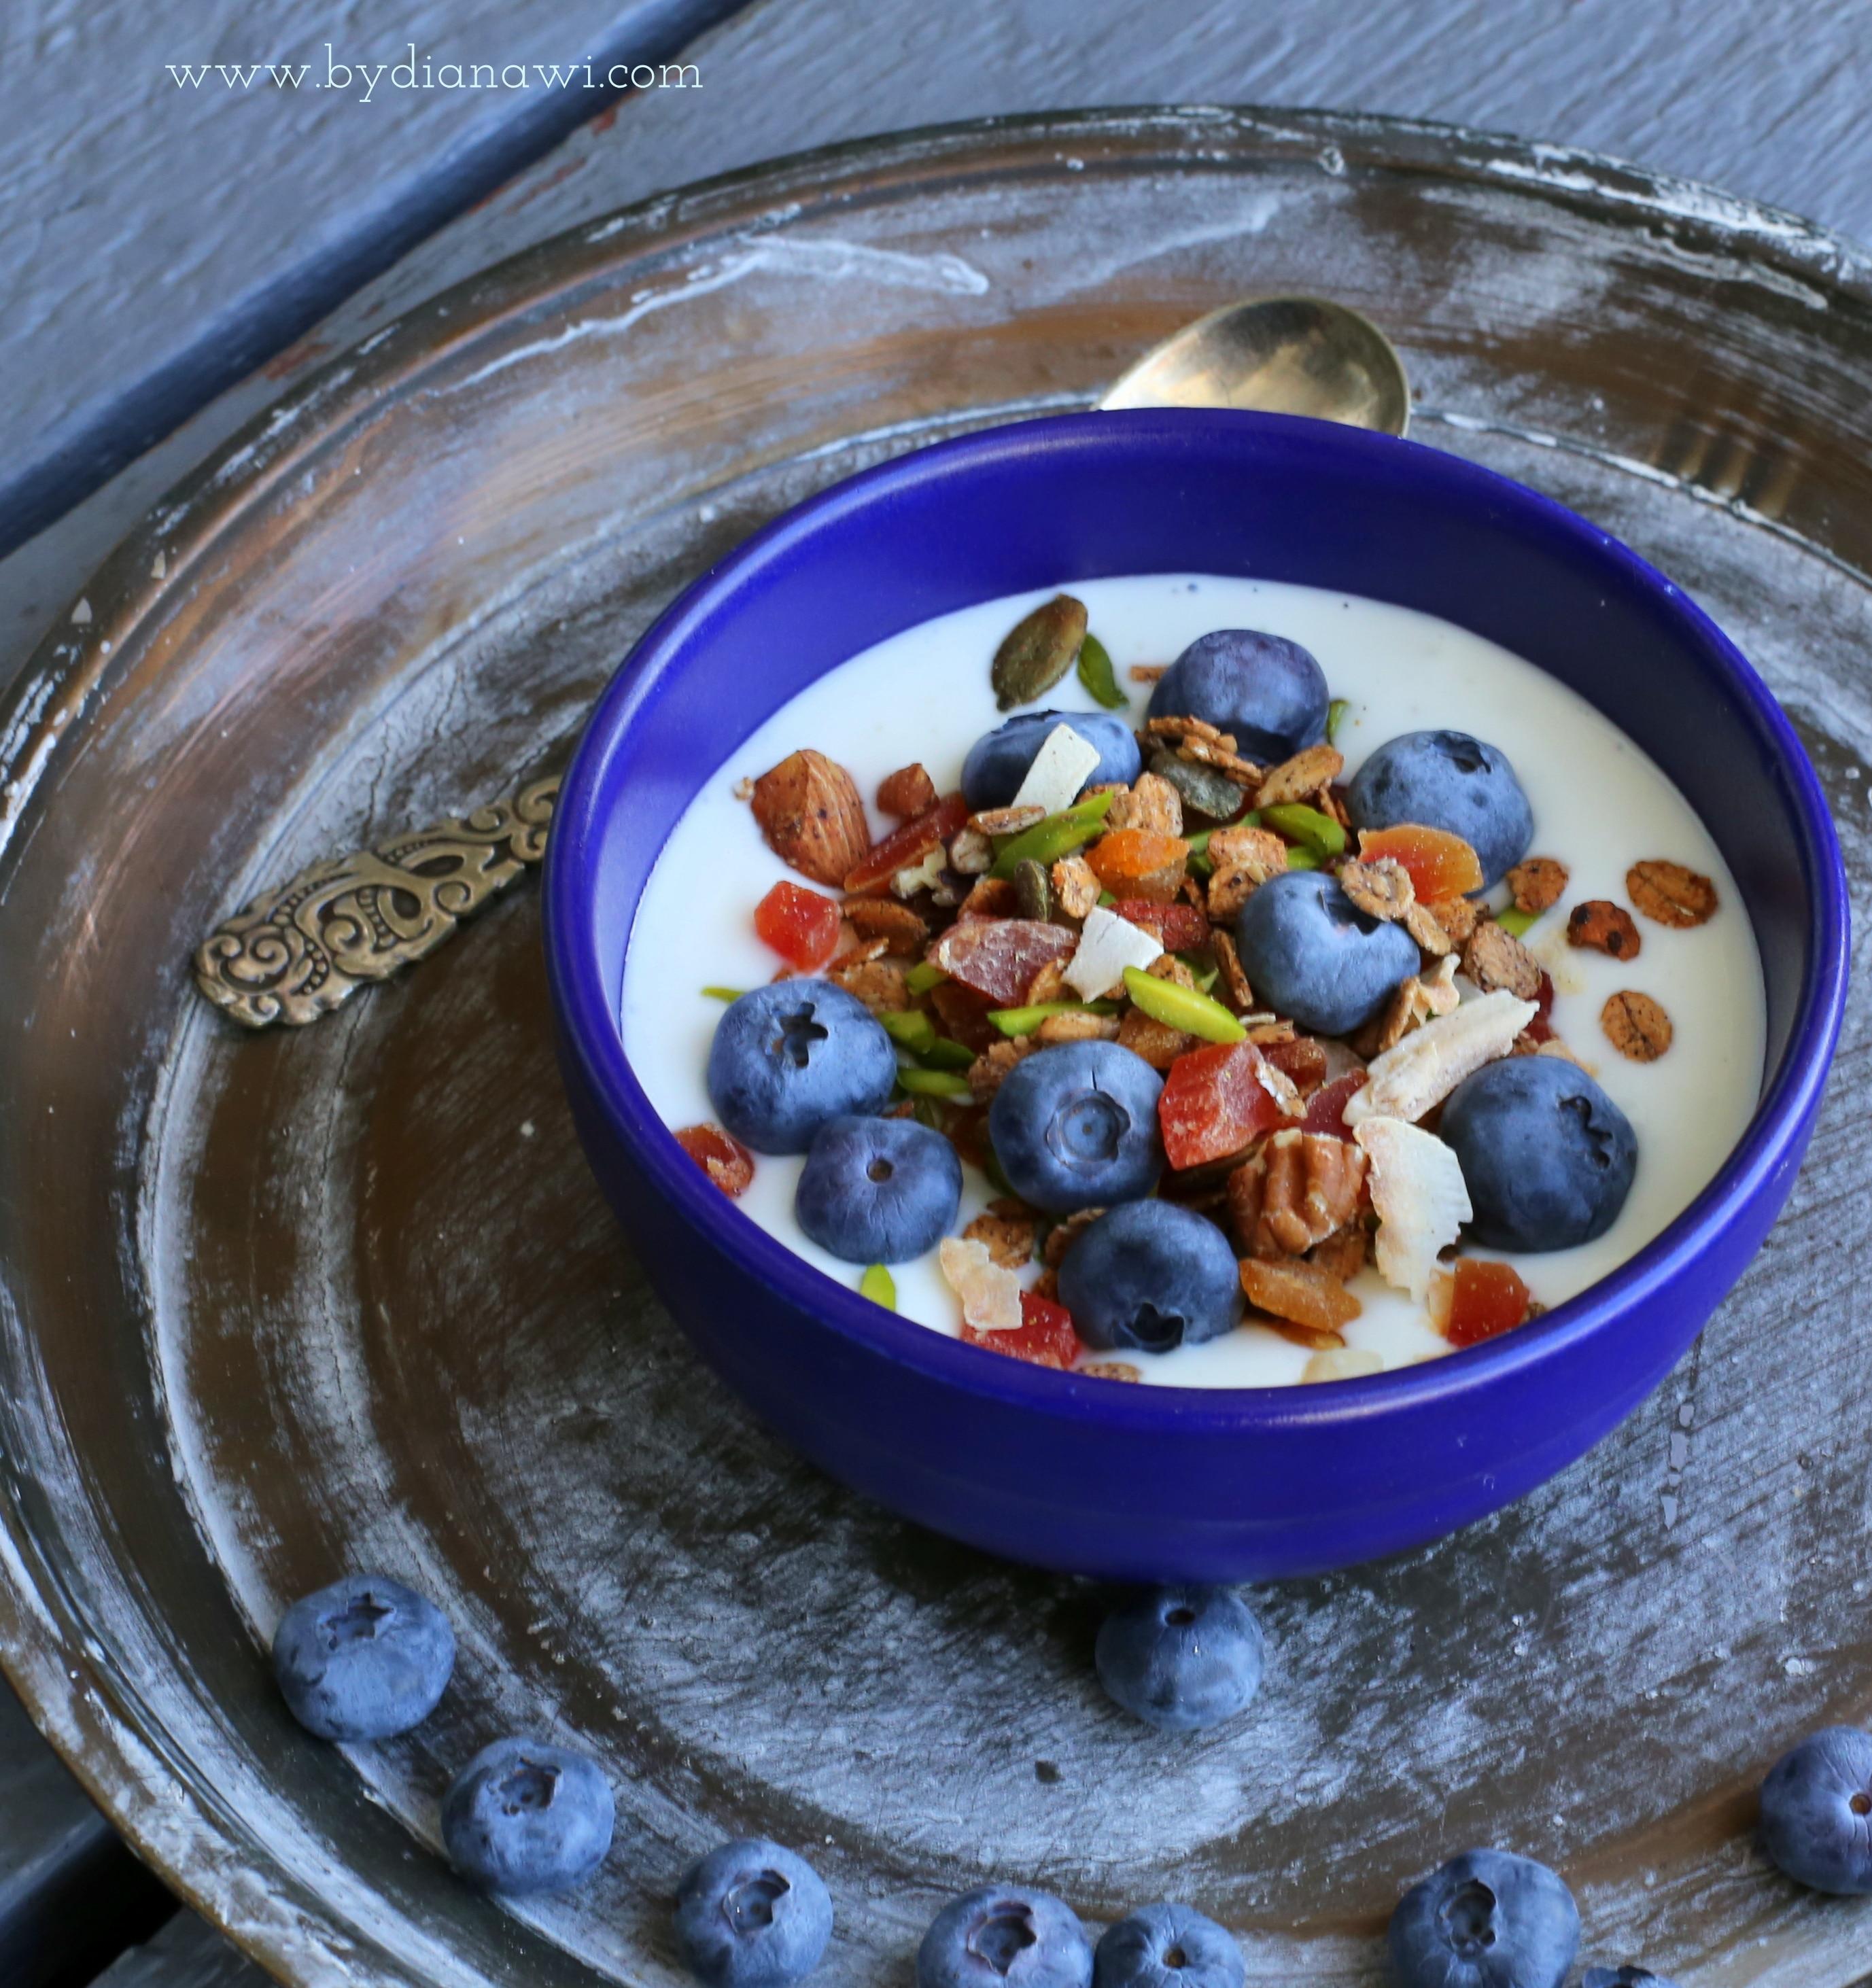 granola opskrift på hjemmelavet skyrdrys